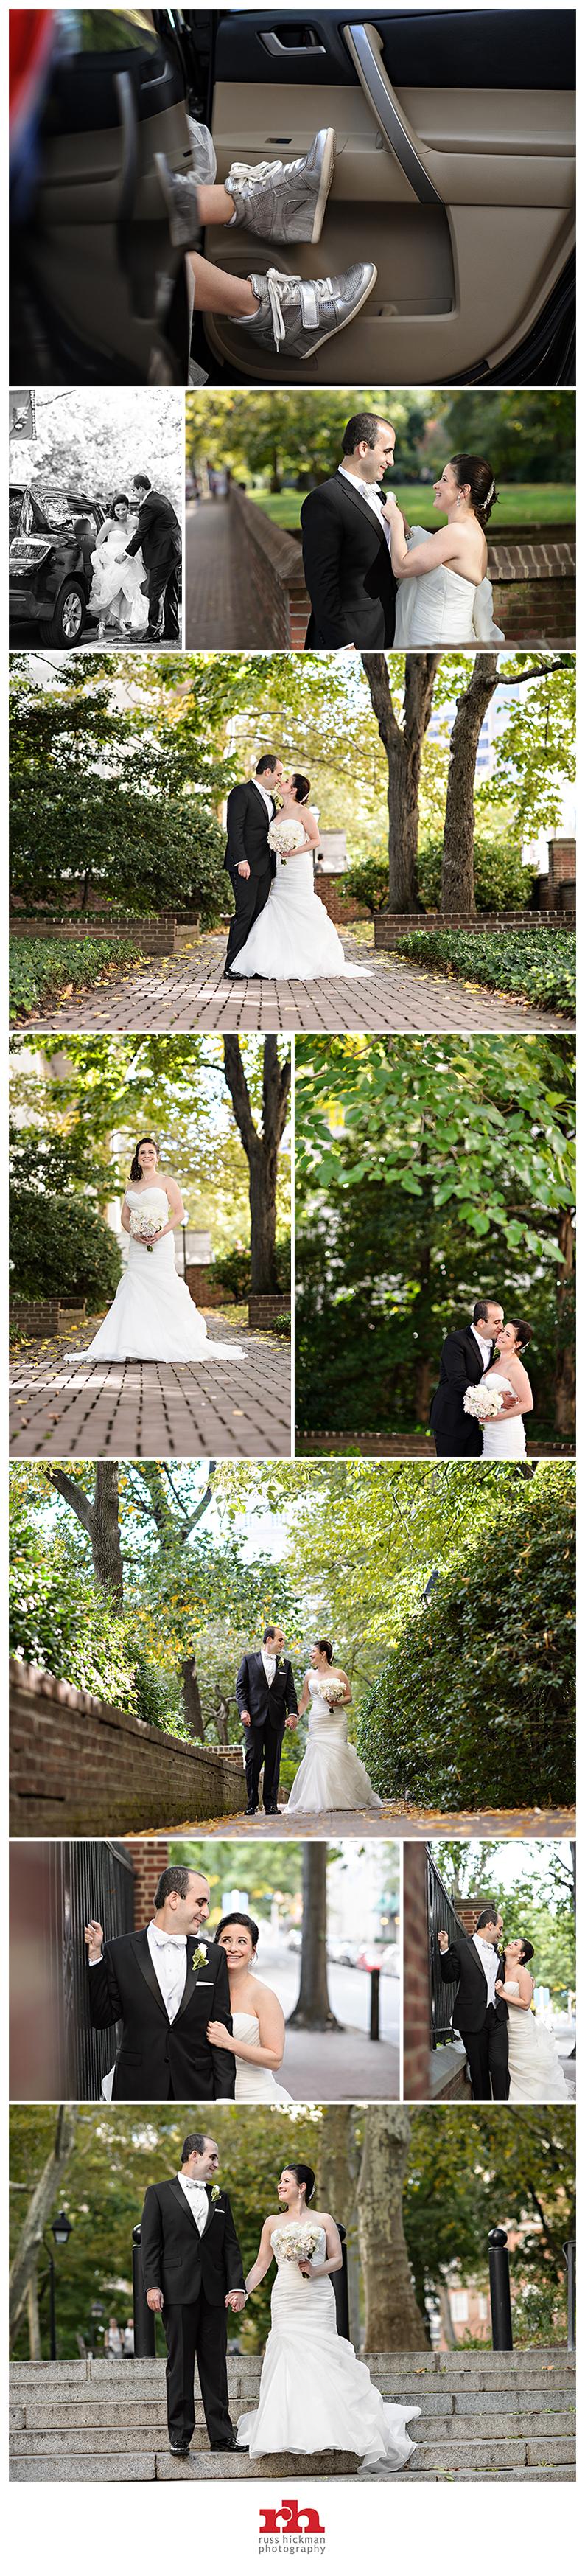 Philadelphia Wedding Photographer JAWBlog007